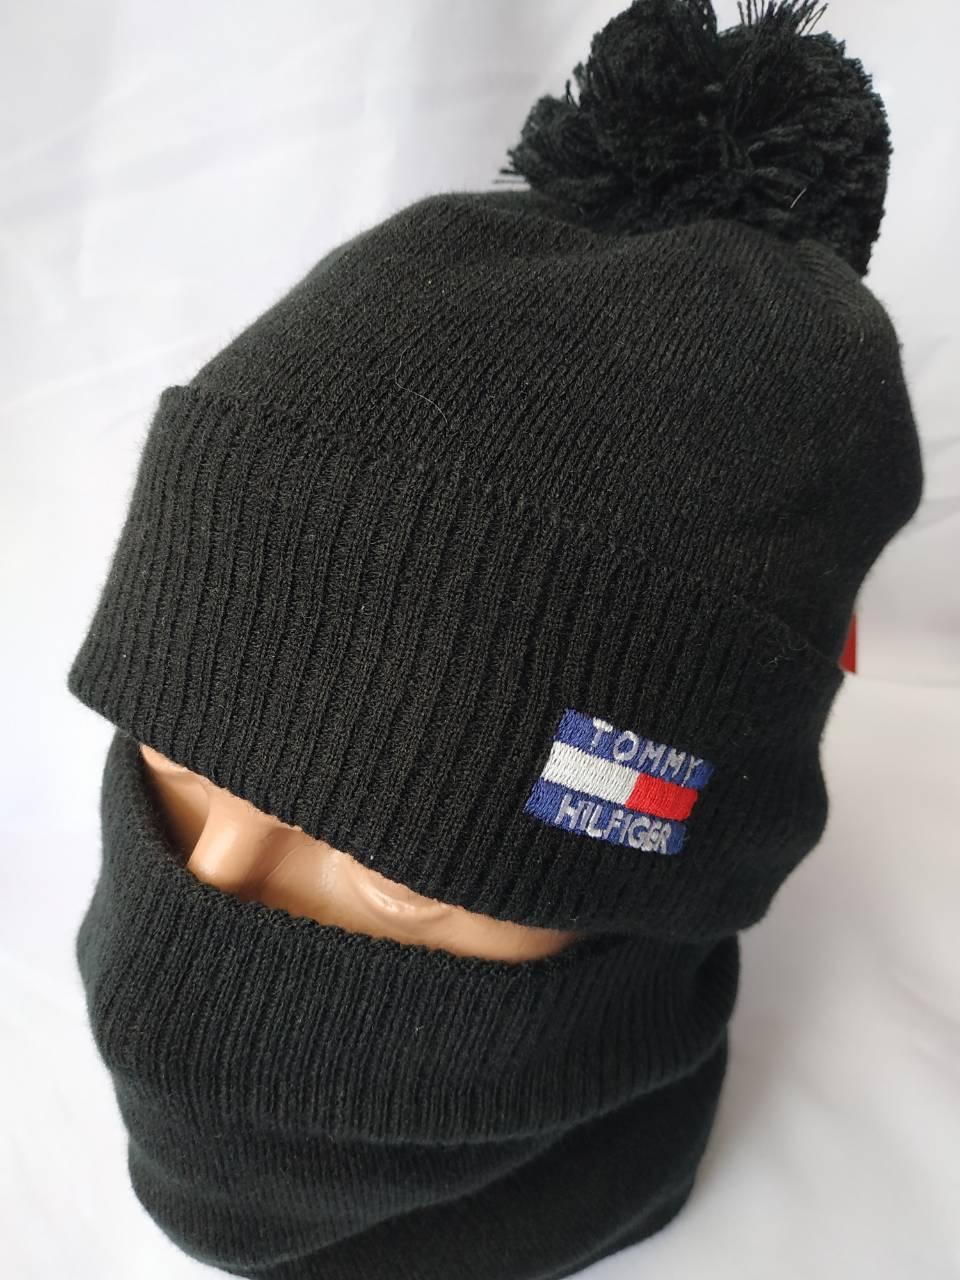 """Чоловічий набір """"Томмі Хілфігер"""" складається з шапки з помпоном і снуда"""